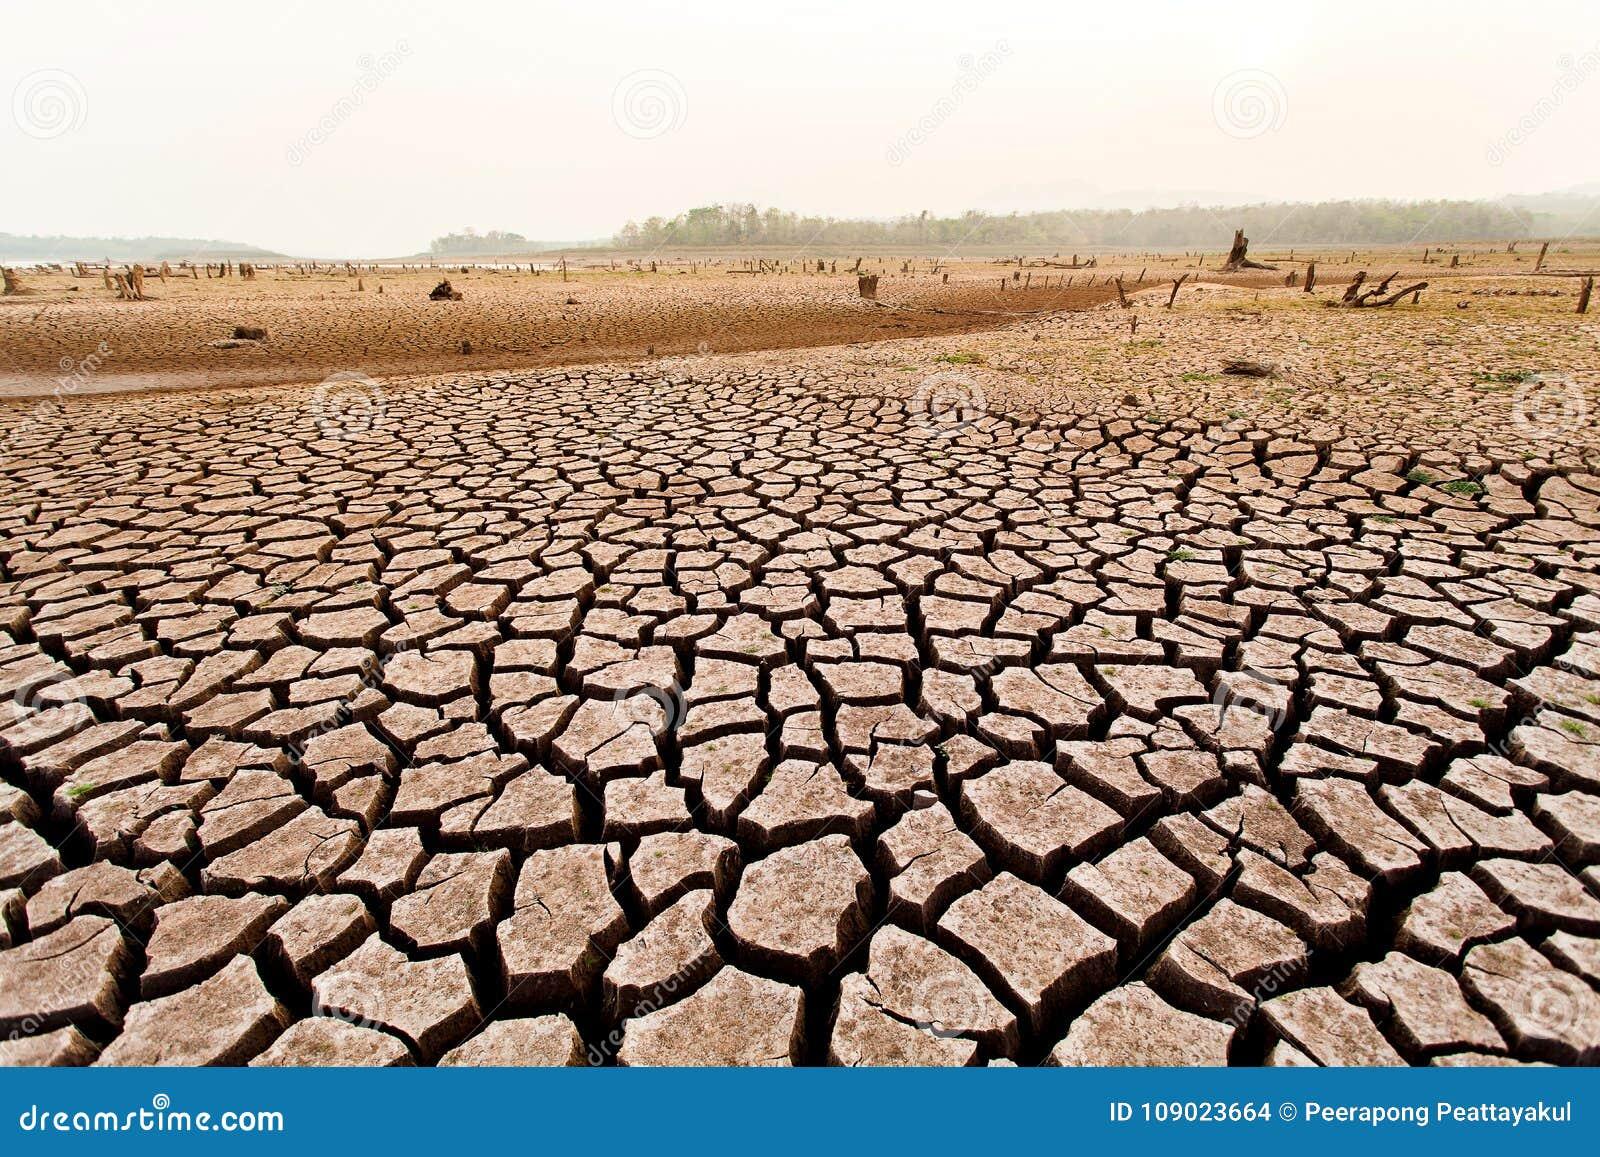 Krakingowy suchy ląd bez wody abstrakcyjny tło